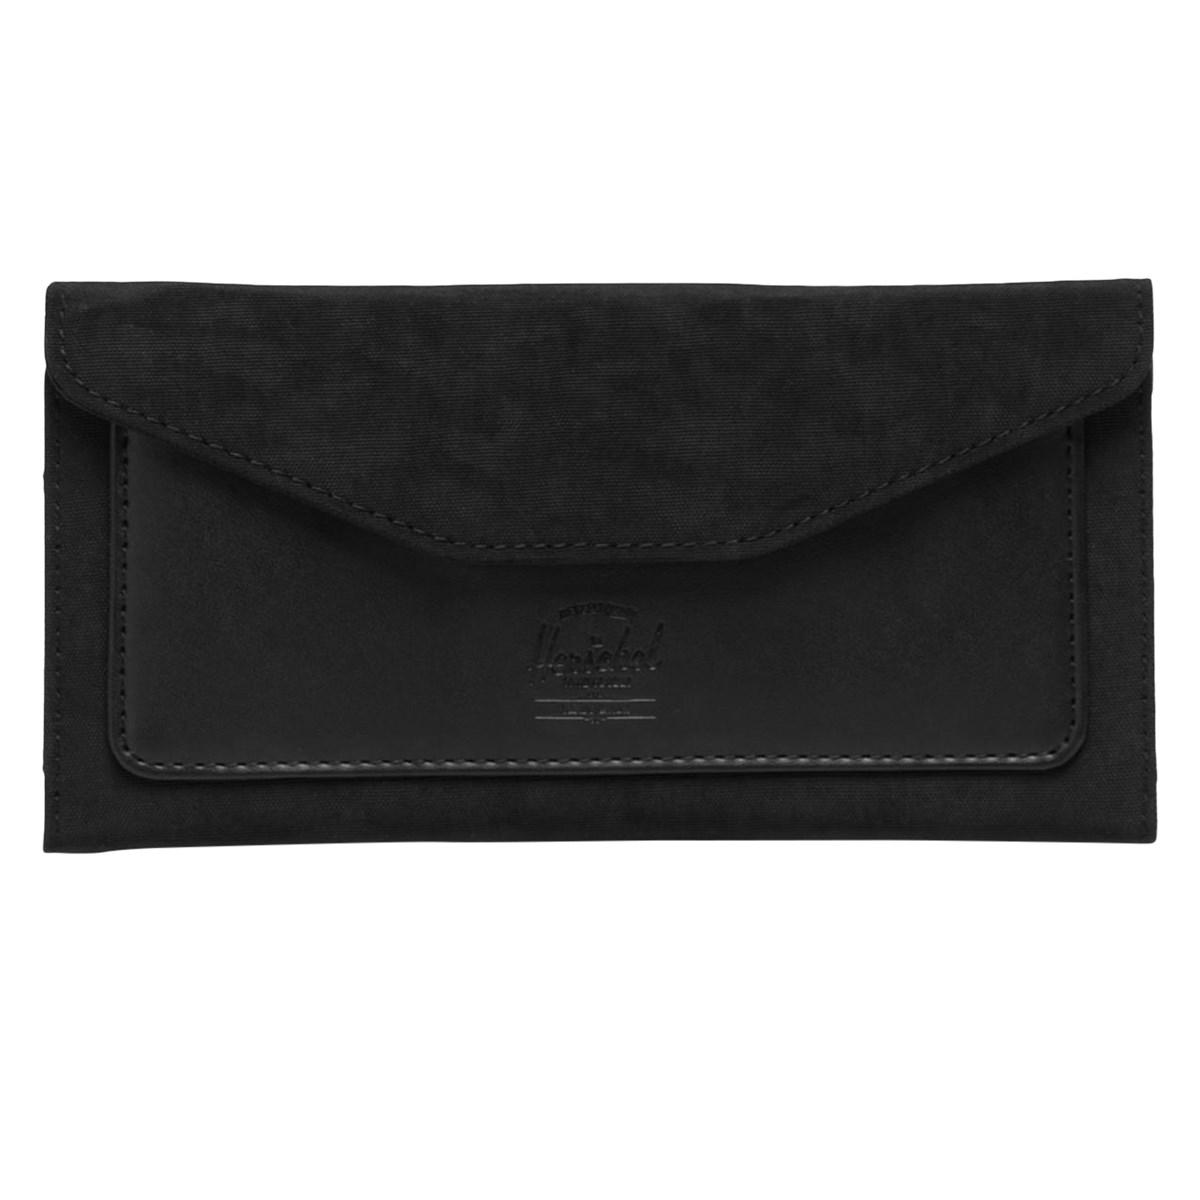 Large Orion Wallet in Black